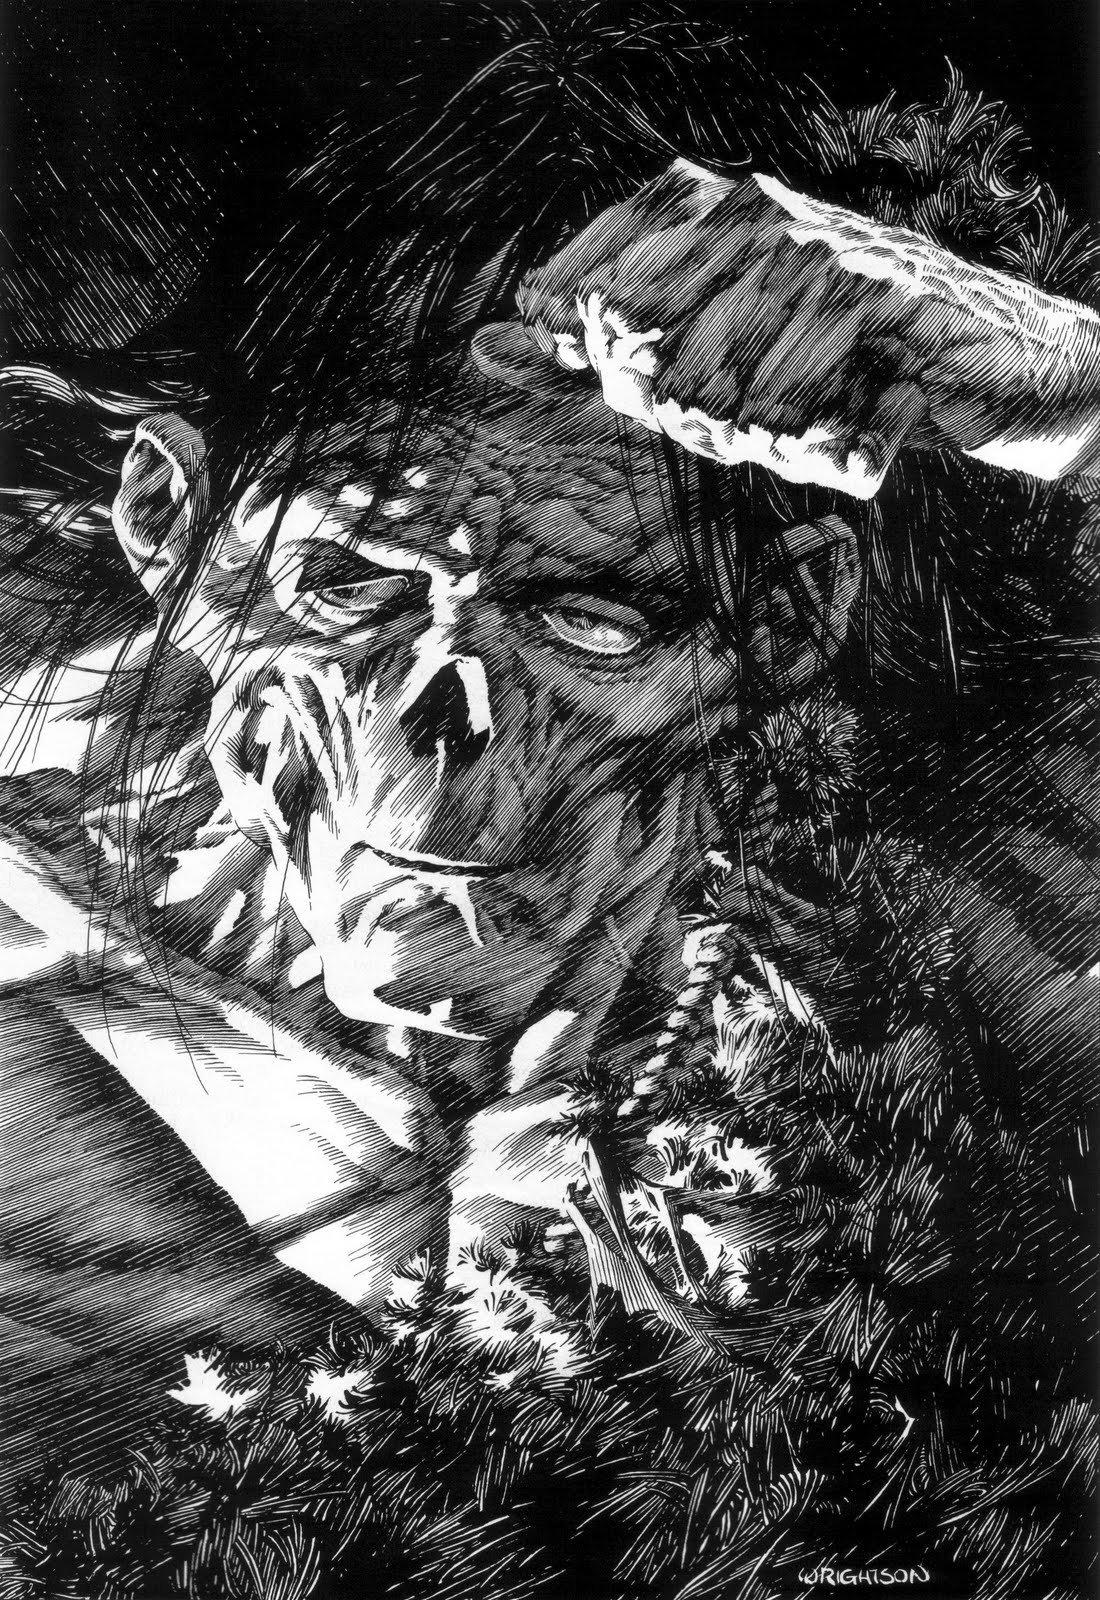 Wrightson: Frankenstein Monster